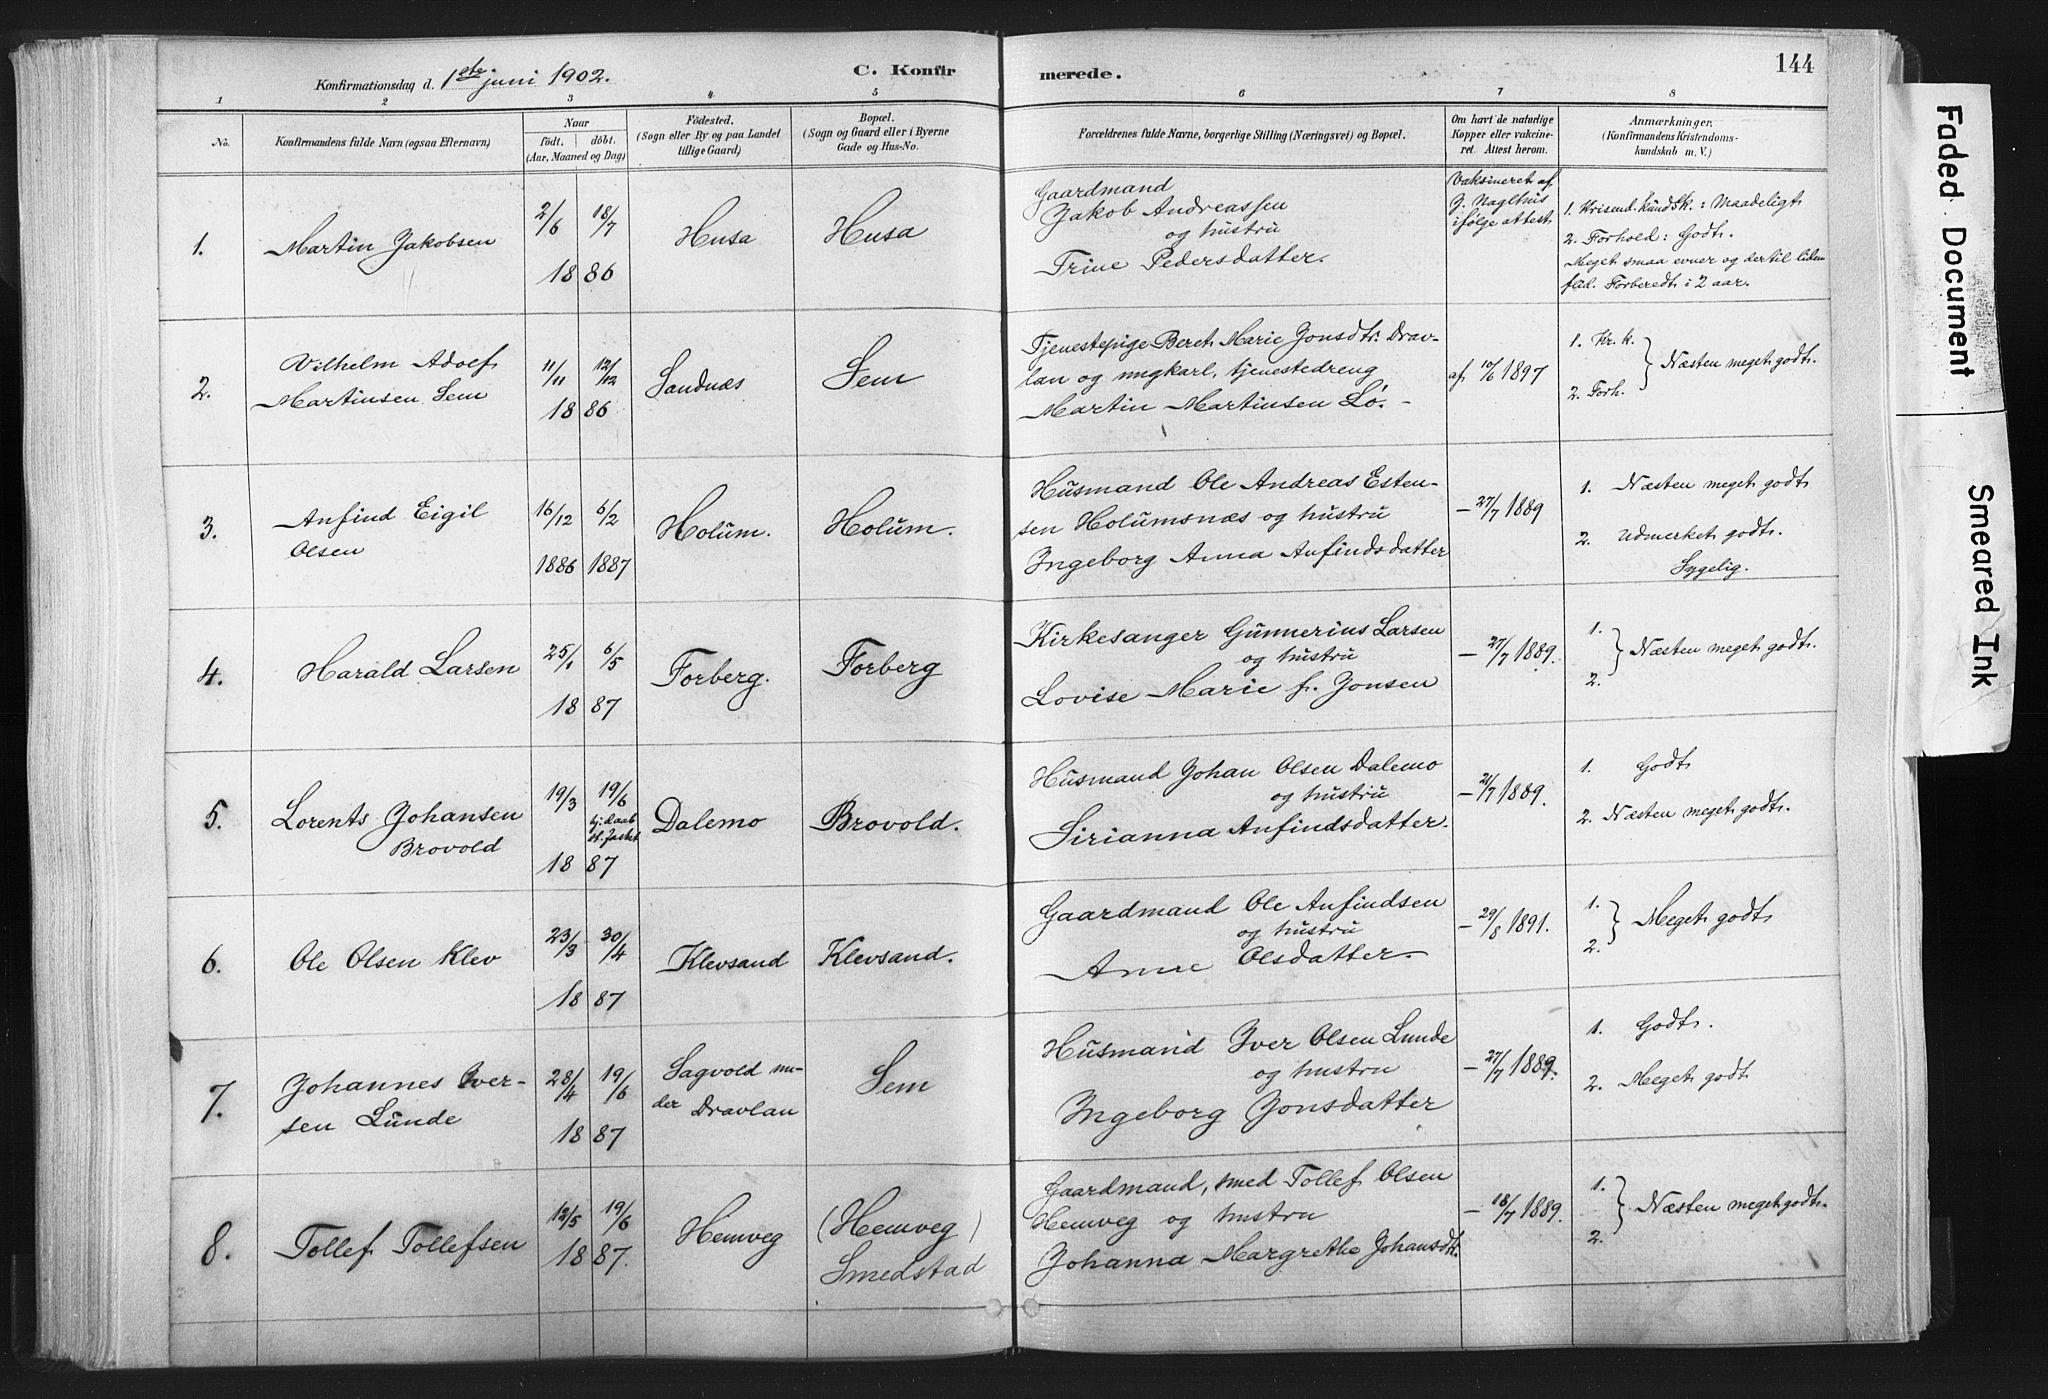 SAT, Ministerialprotokoller, klokkerbøker og fødselsregistre - Nord-Trøndelag, 749/L0474: Ministerialbok nr. 749A08, 1887-1903, s. 144